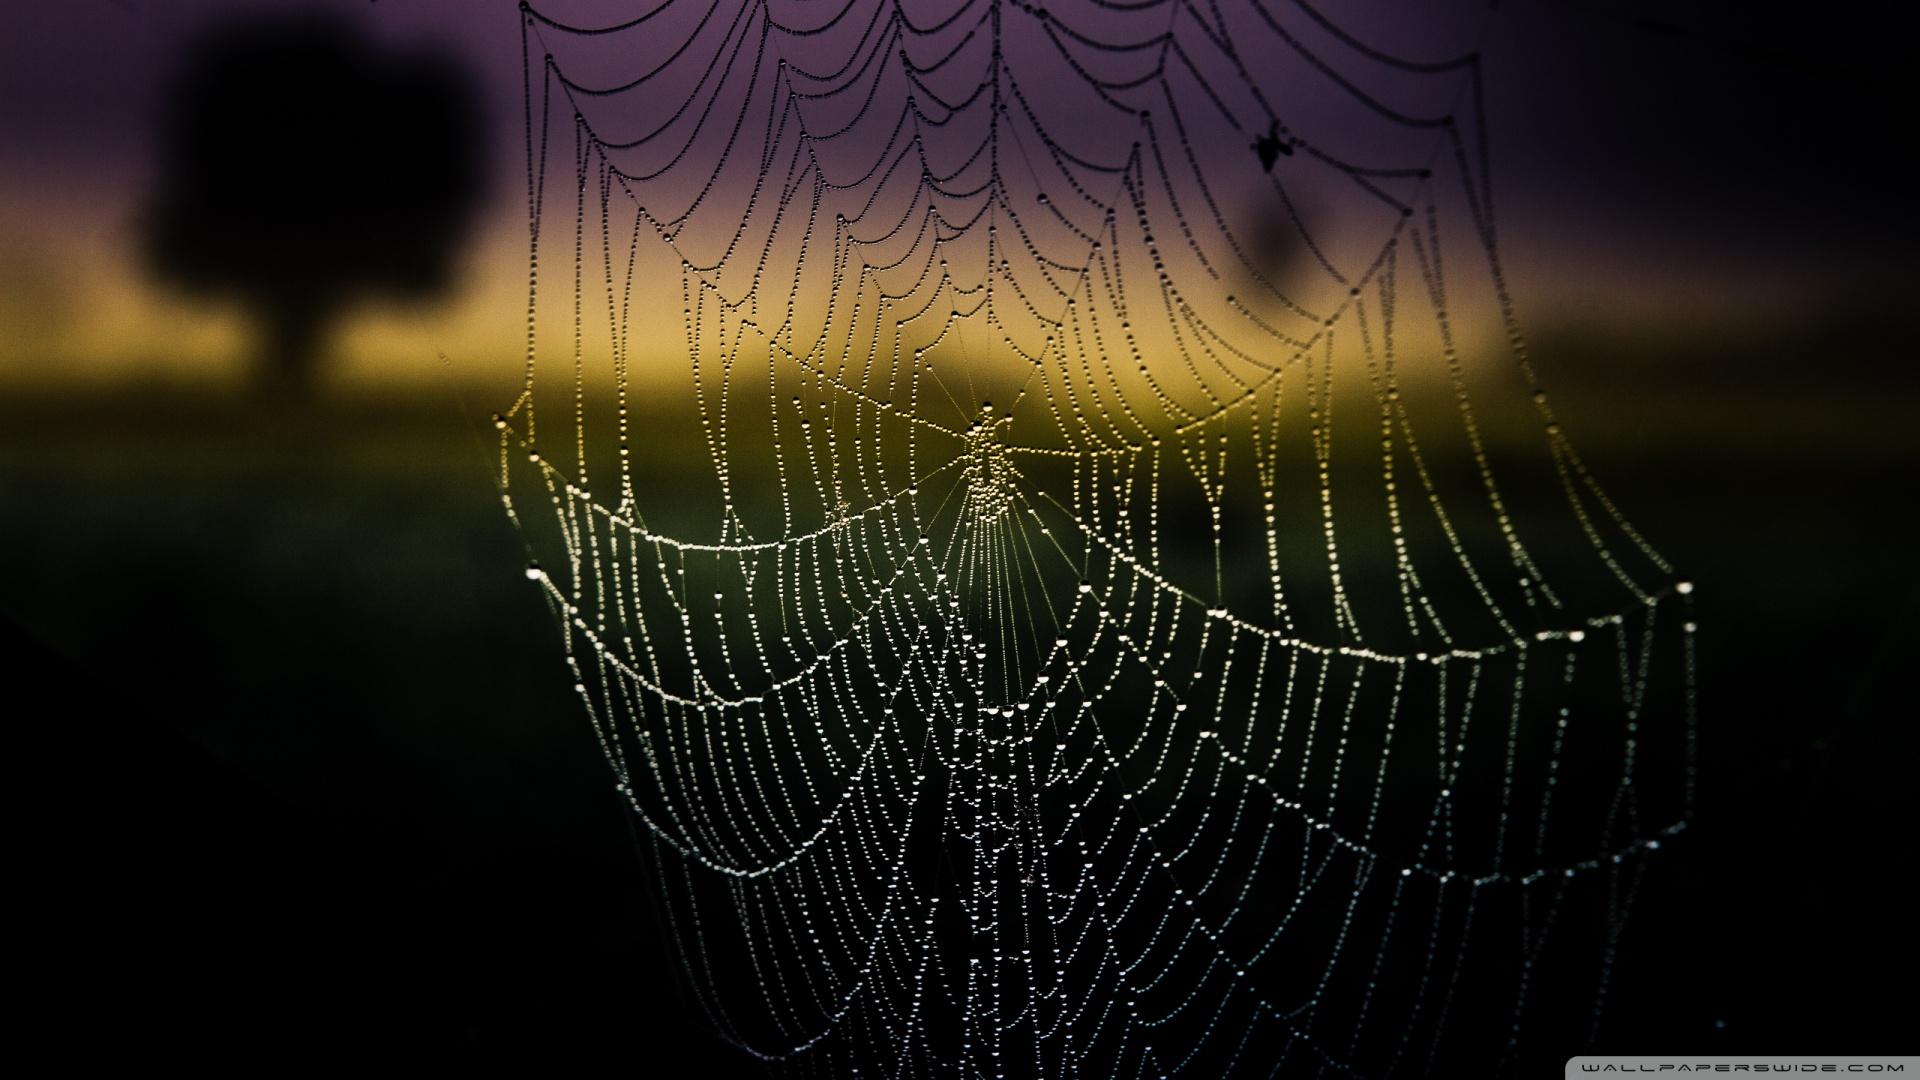 Spiderweb Background Wallpaper 1920x1080 Spiderweb Background 1920x1080